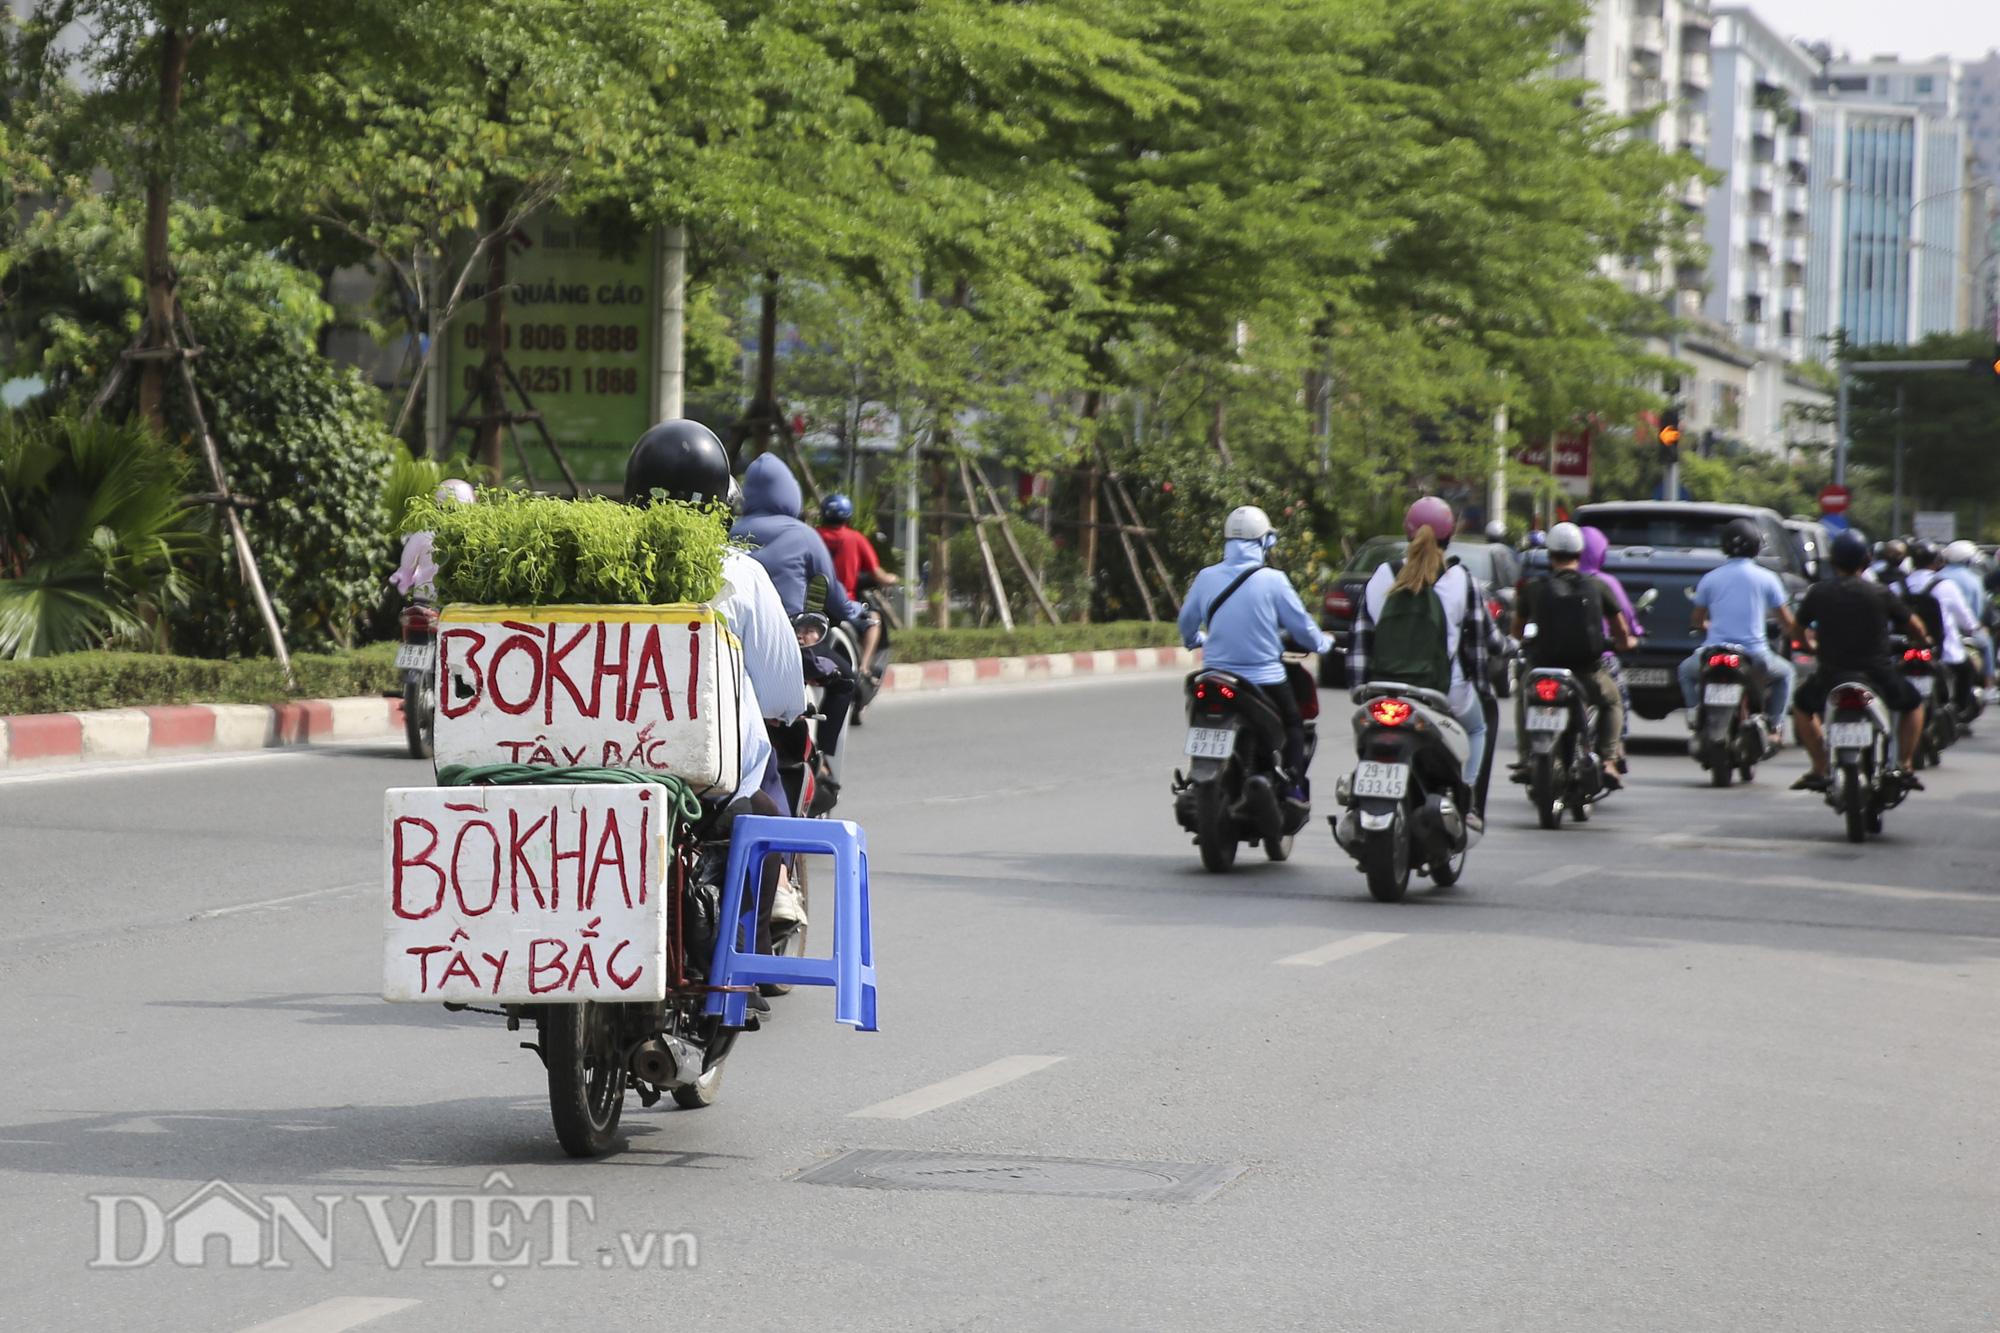 """Đặc sản rau rừng """"bò khai Tây Bắc"""" đổ về Hà Nội, 50.000 đồng/bó vẫn hút khách - Ảnh 4."""